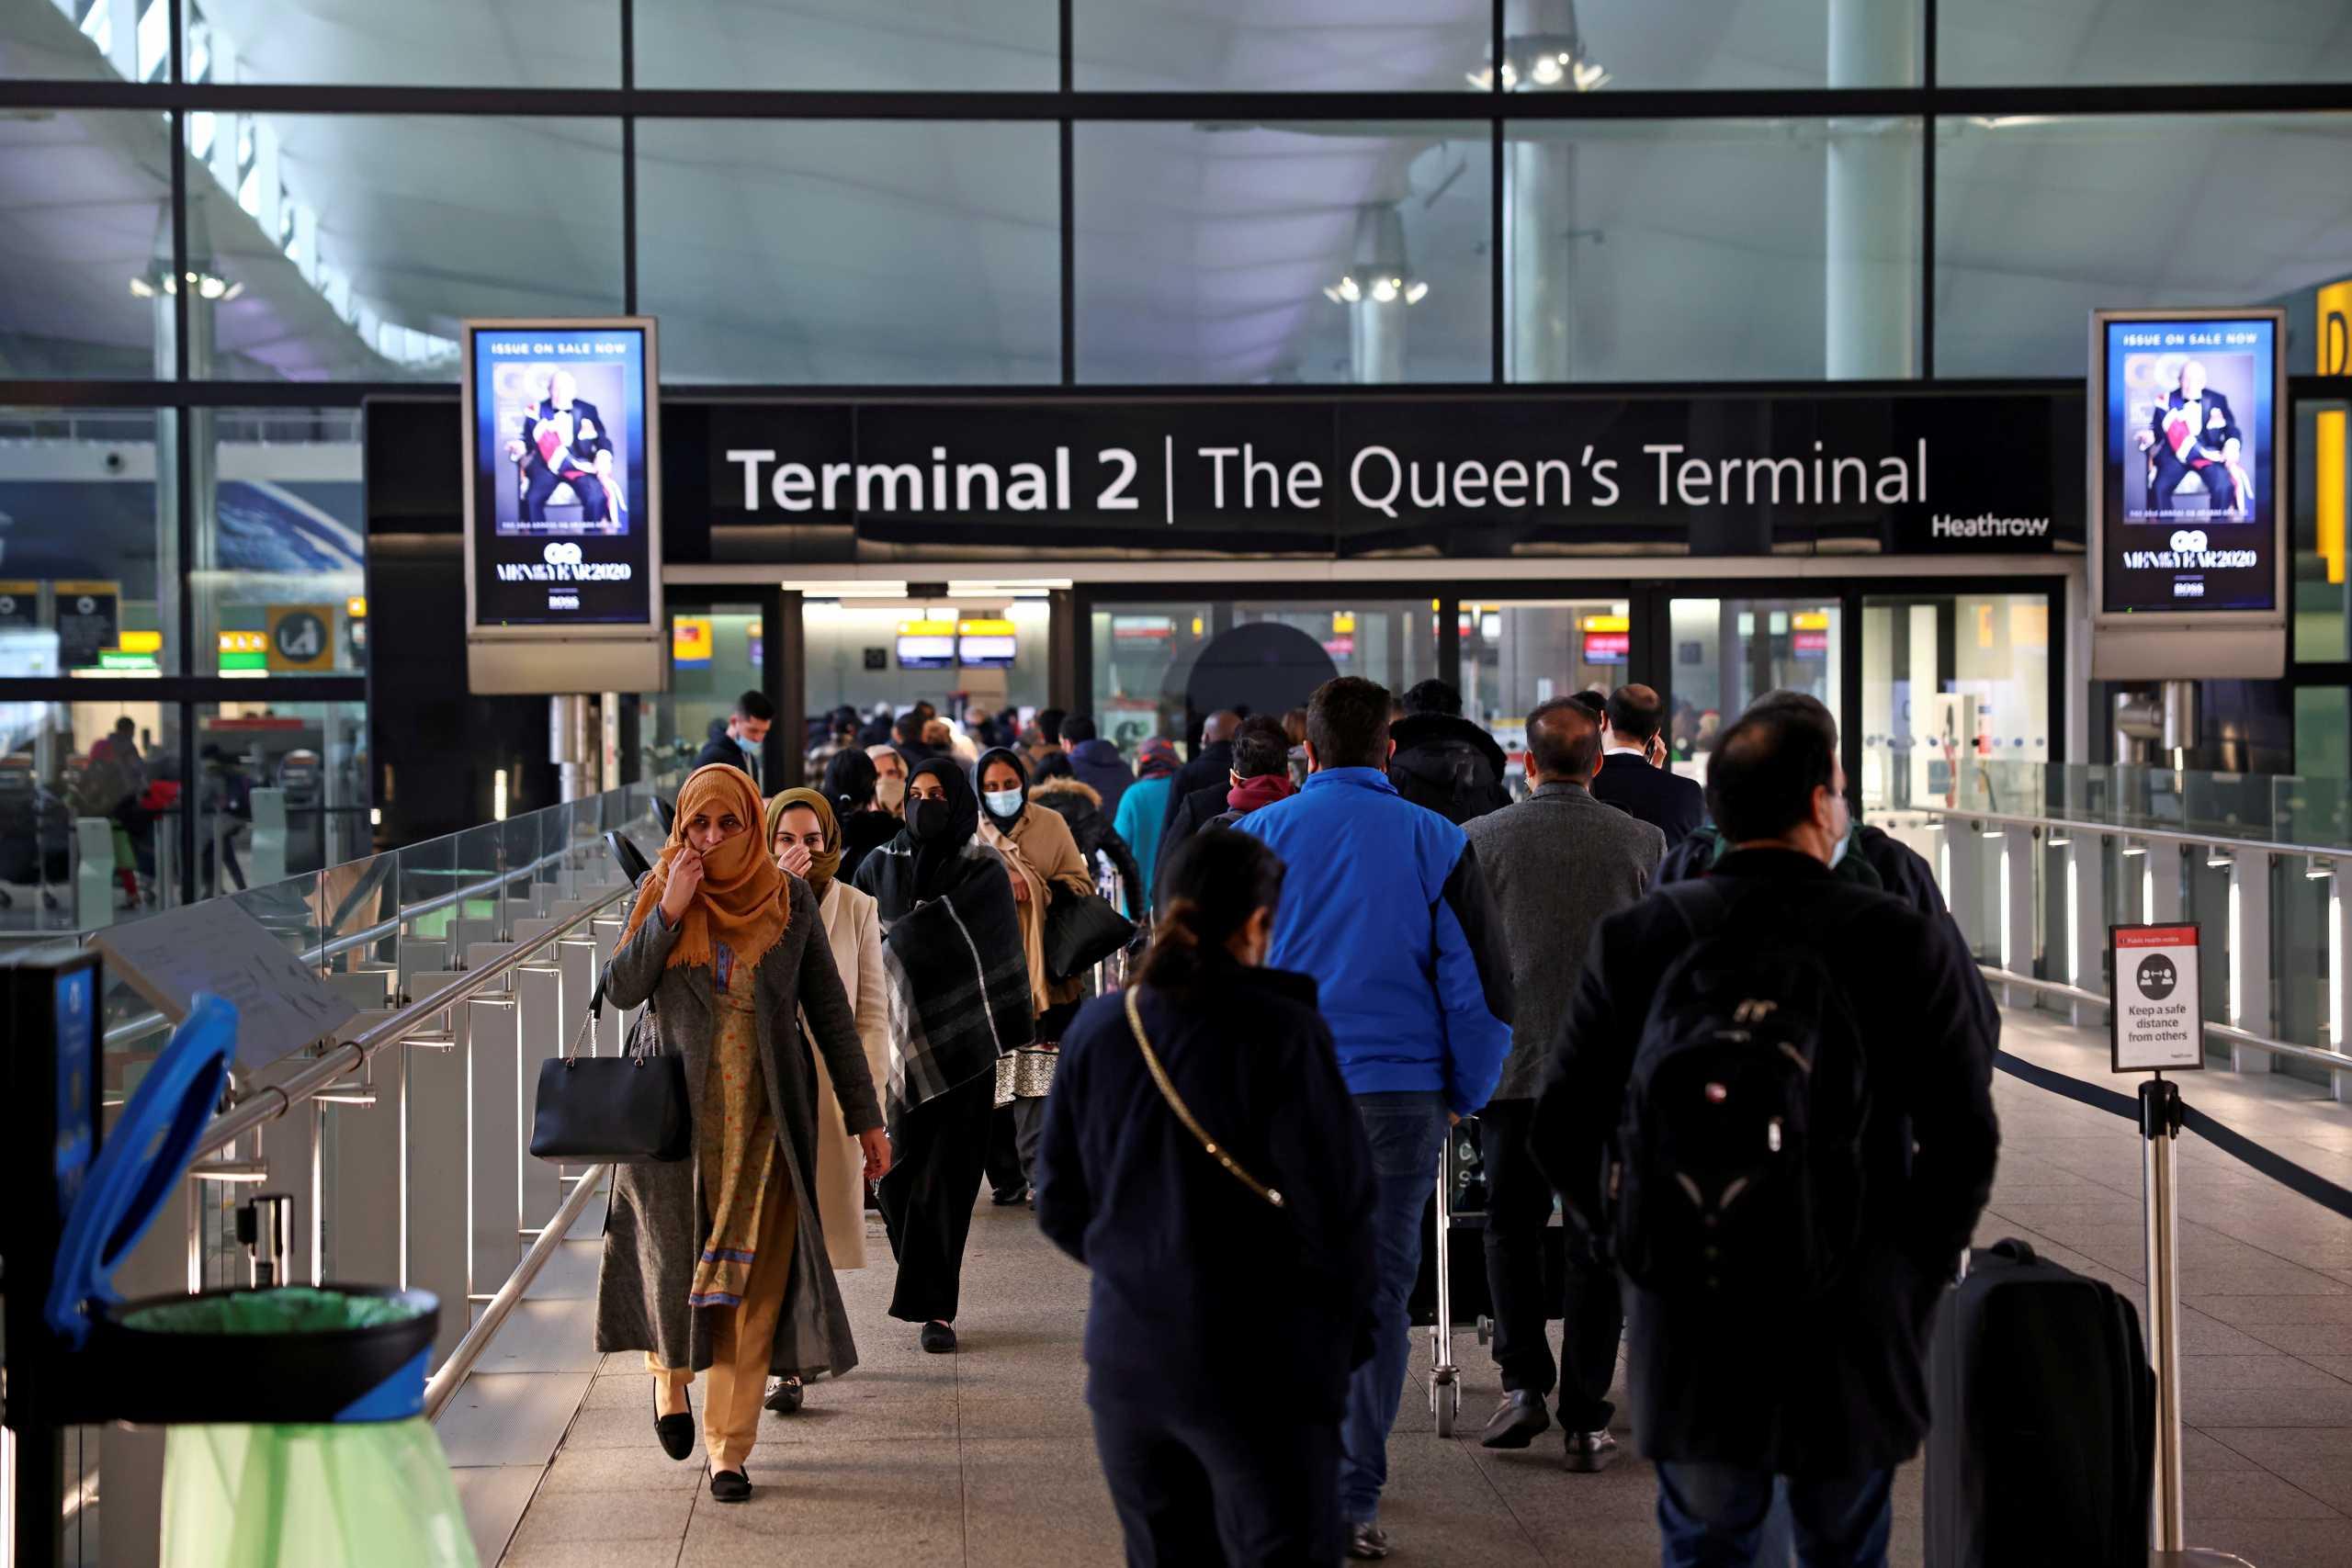 Βρετανία: Να μπει και η Ελλάδα στην πράσινη λίστα ζητάει ο επικεφαλής του αεροδρομίου του Χίθροου